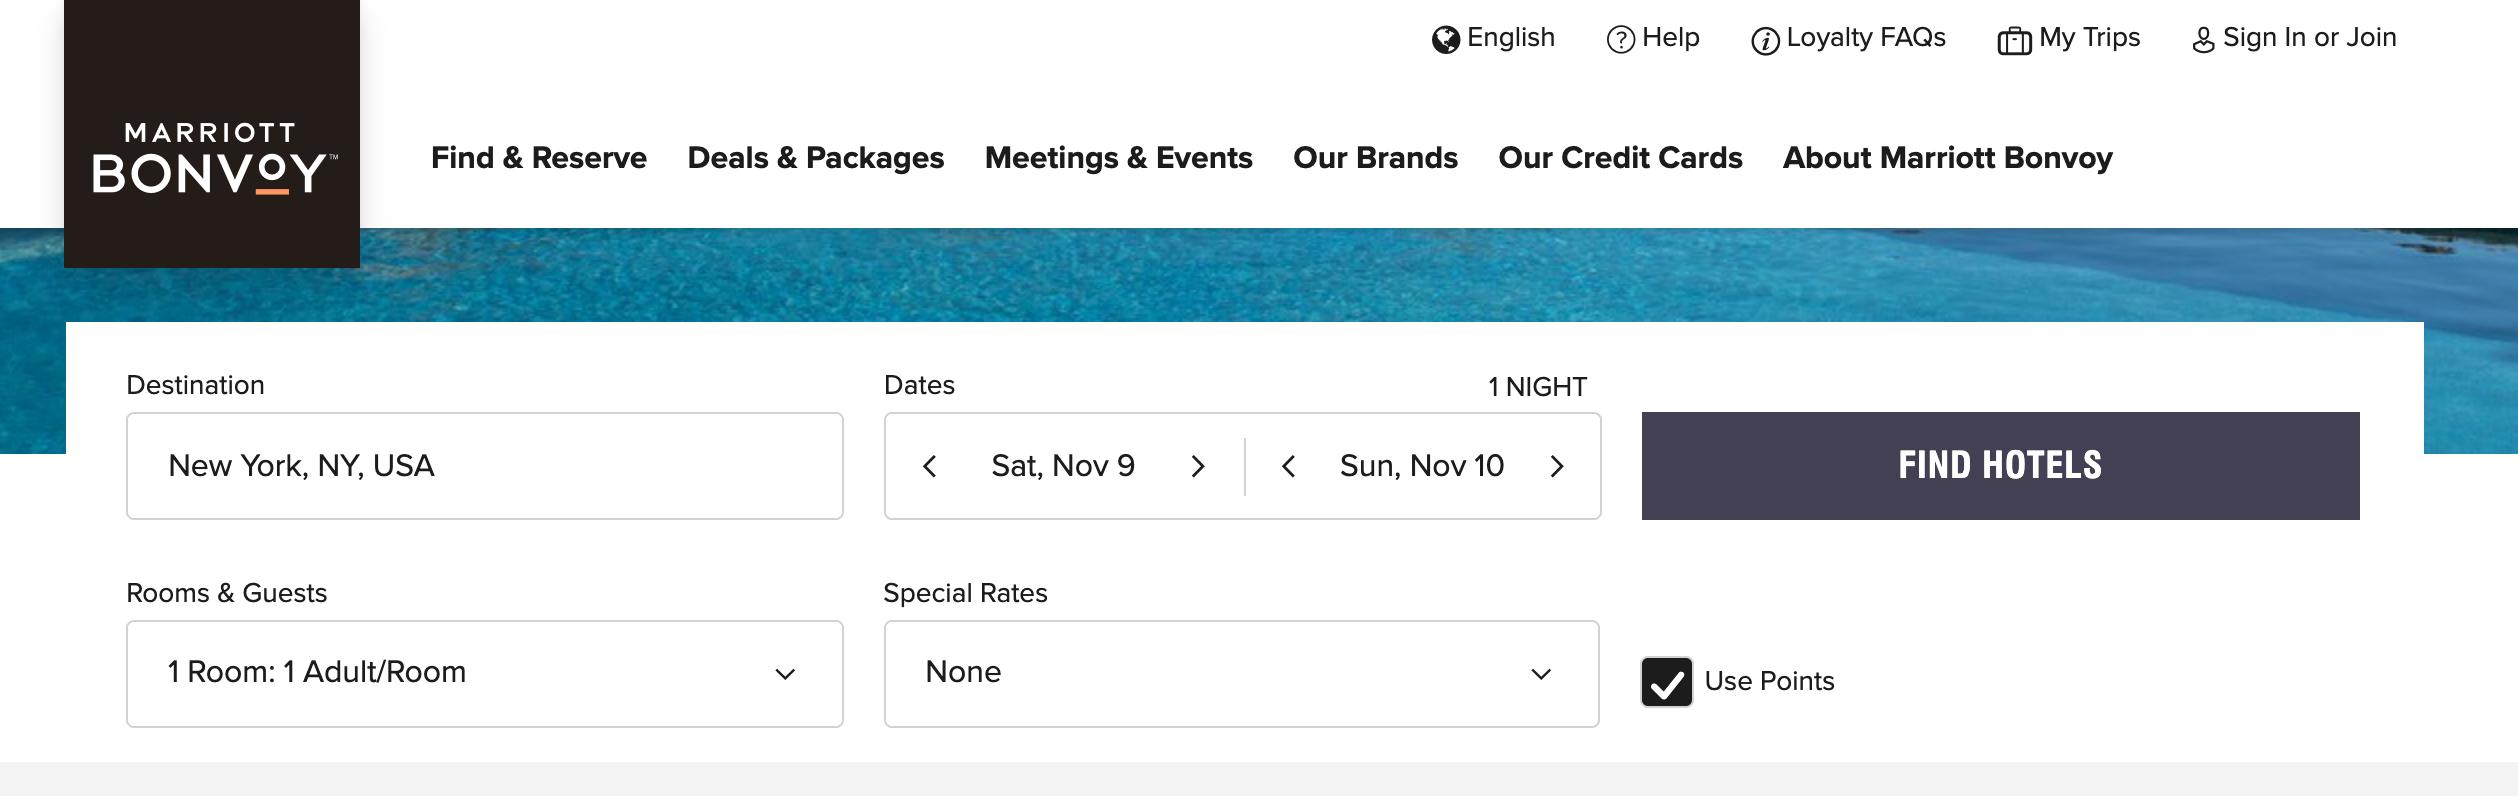 Screenshot from Marriott.com